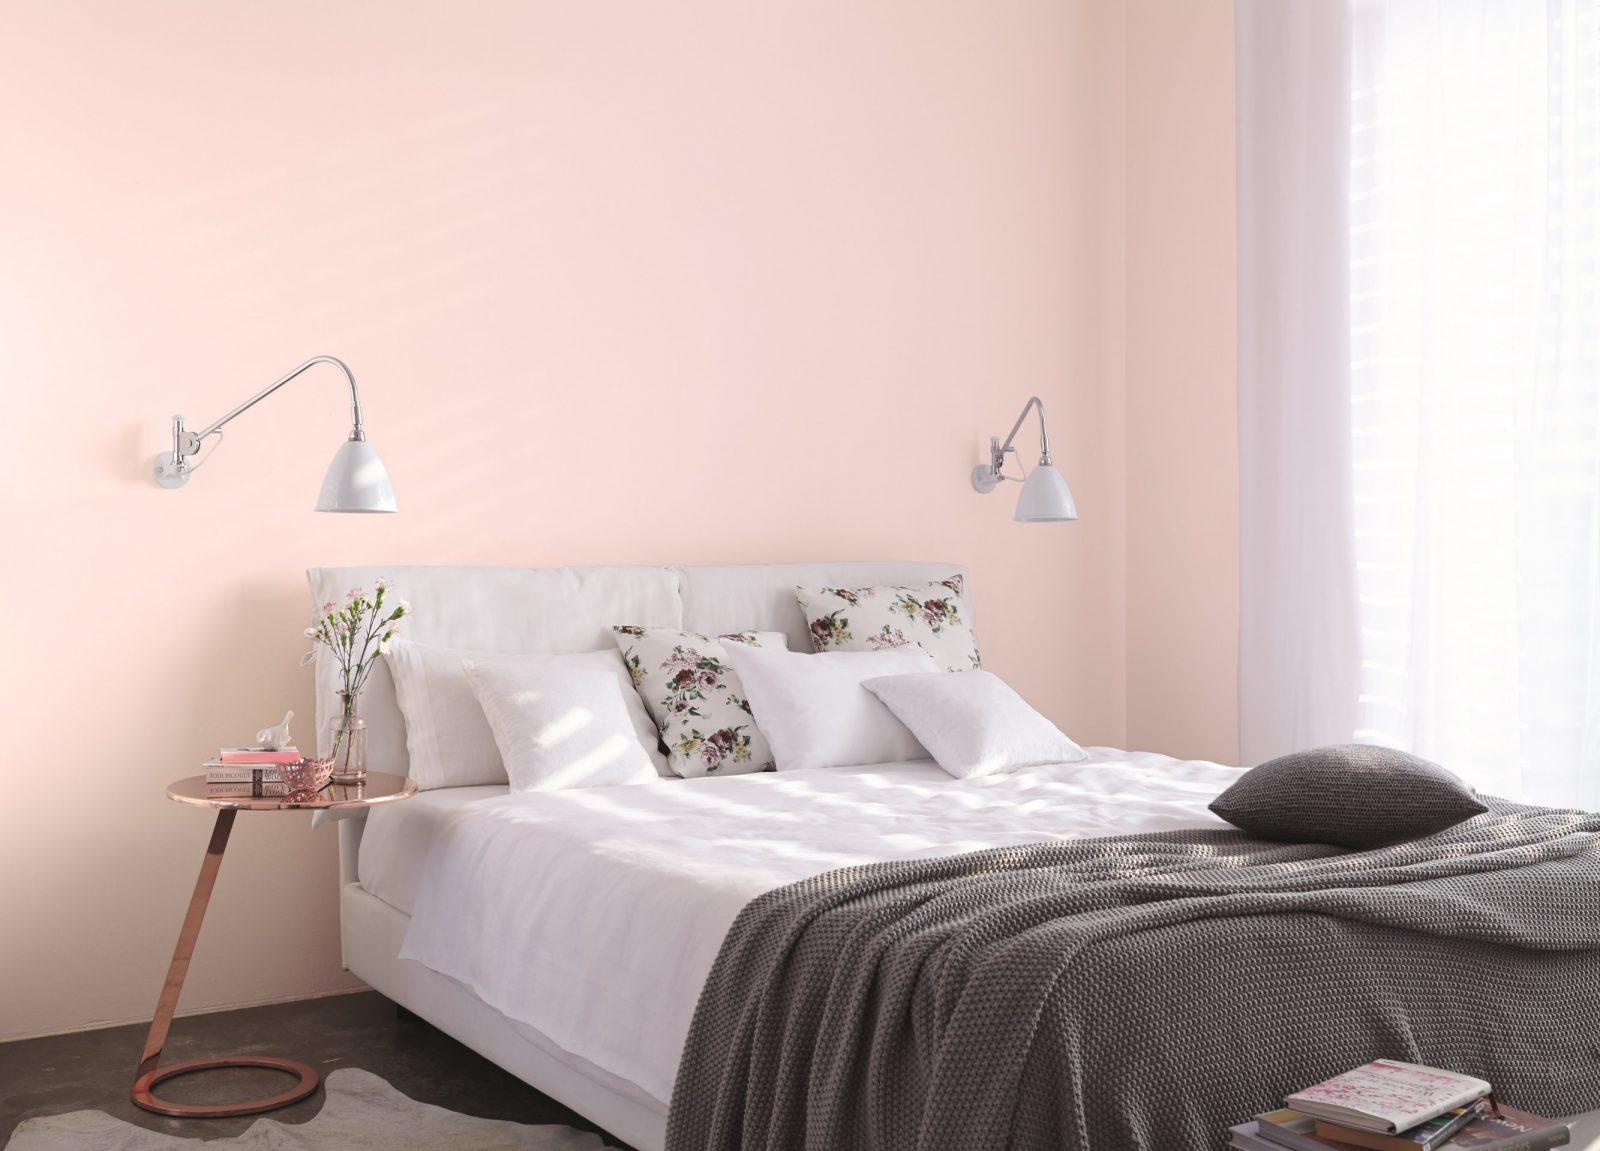 Ideen Für Die Gestaltung Vom Schlafzimmer Alpina Farbe  Einrichten von Schlafzimmer Renovieren Ideen Bilder Bild